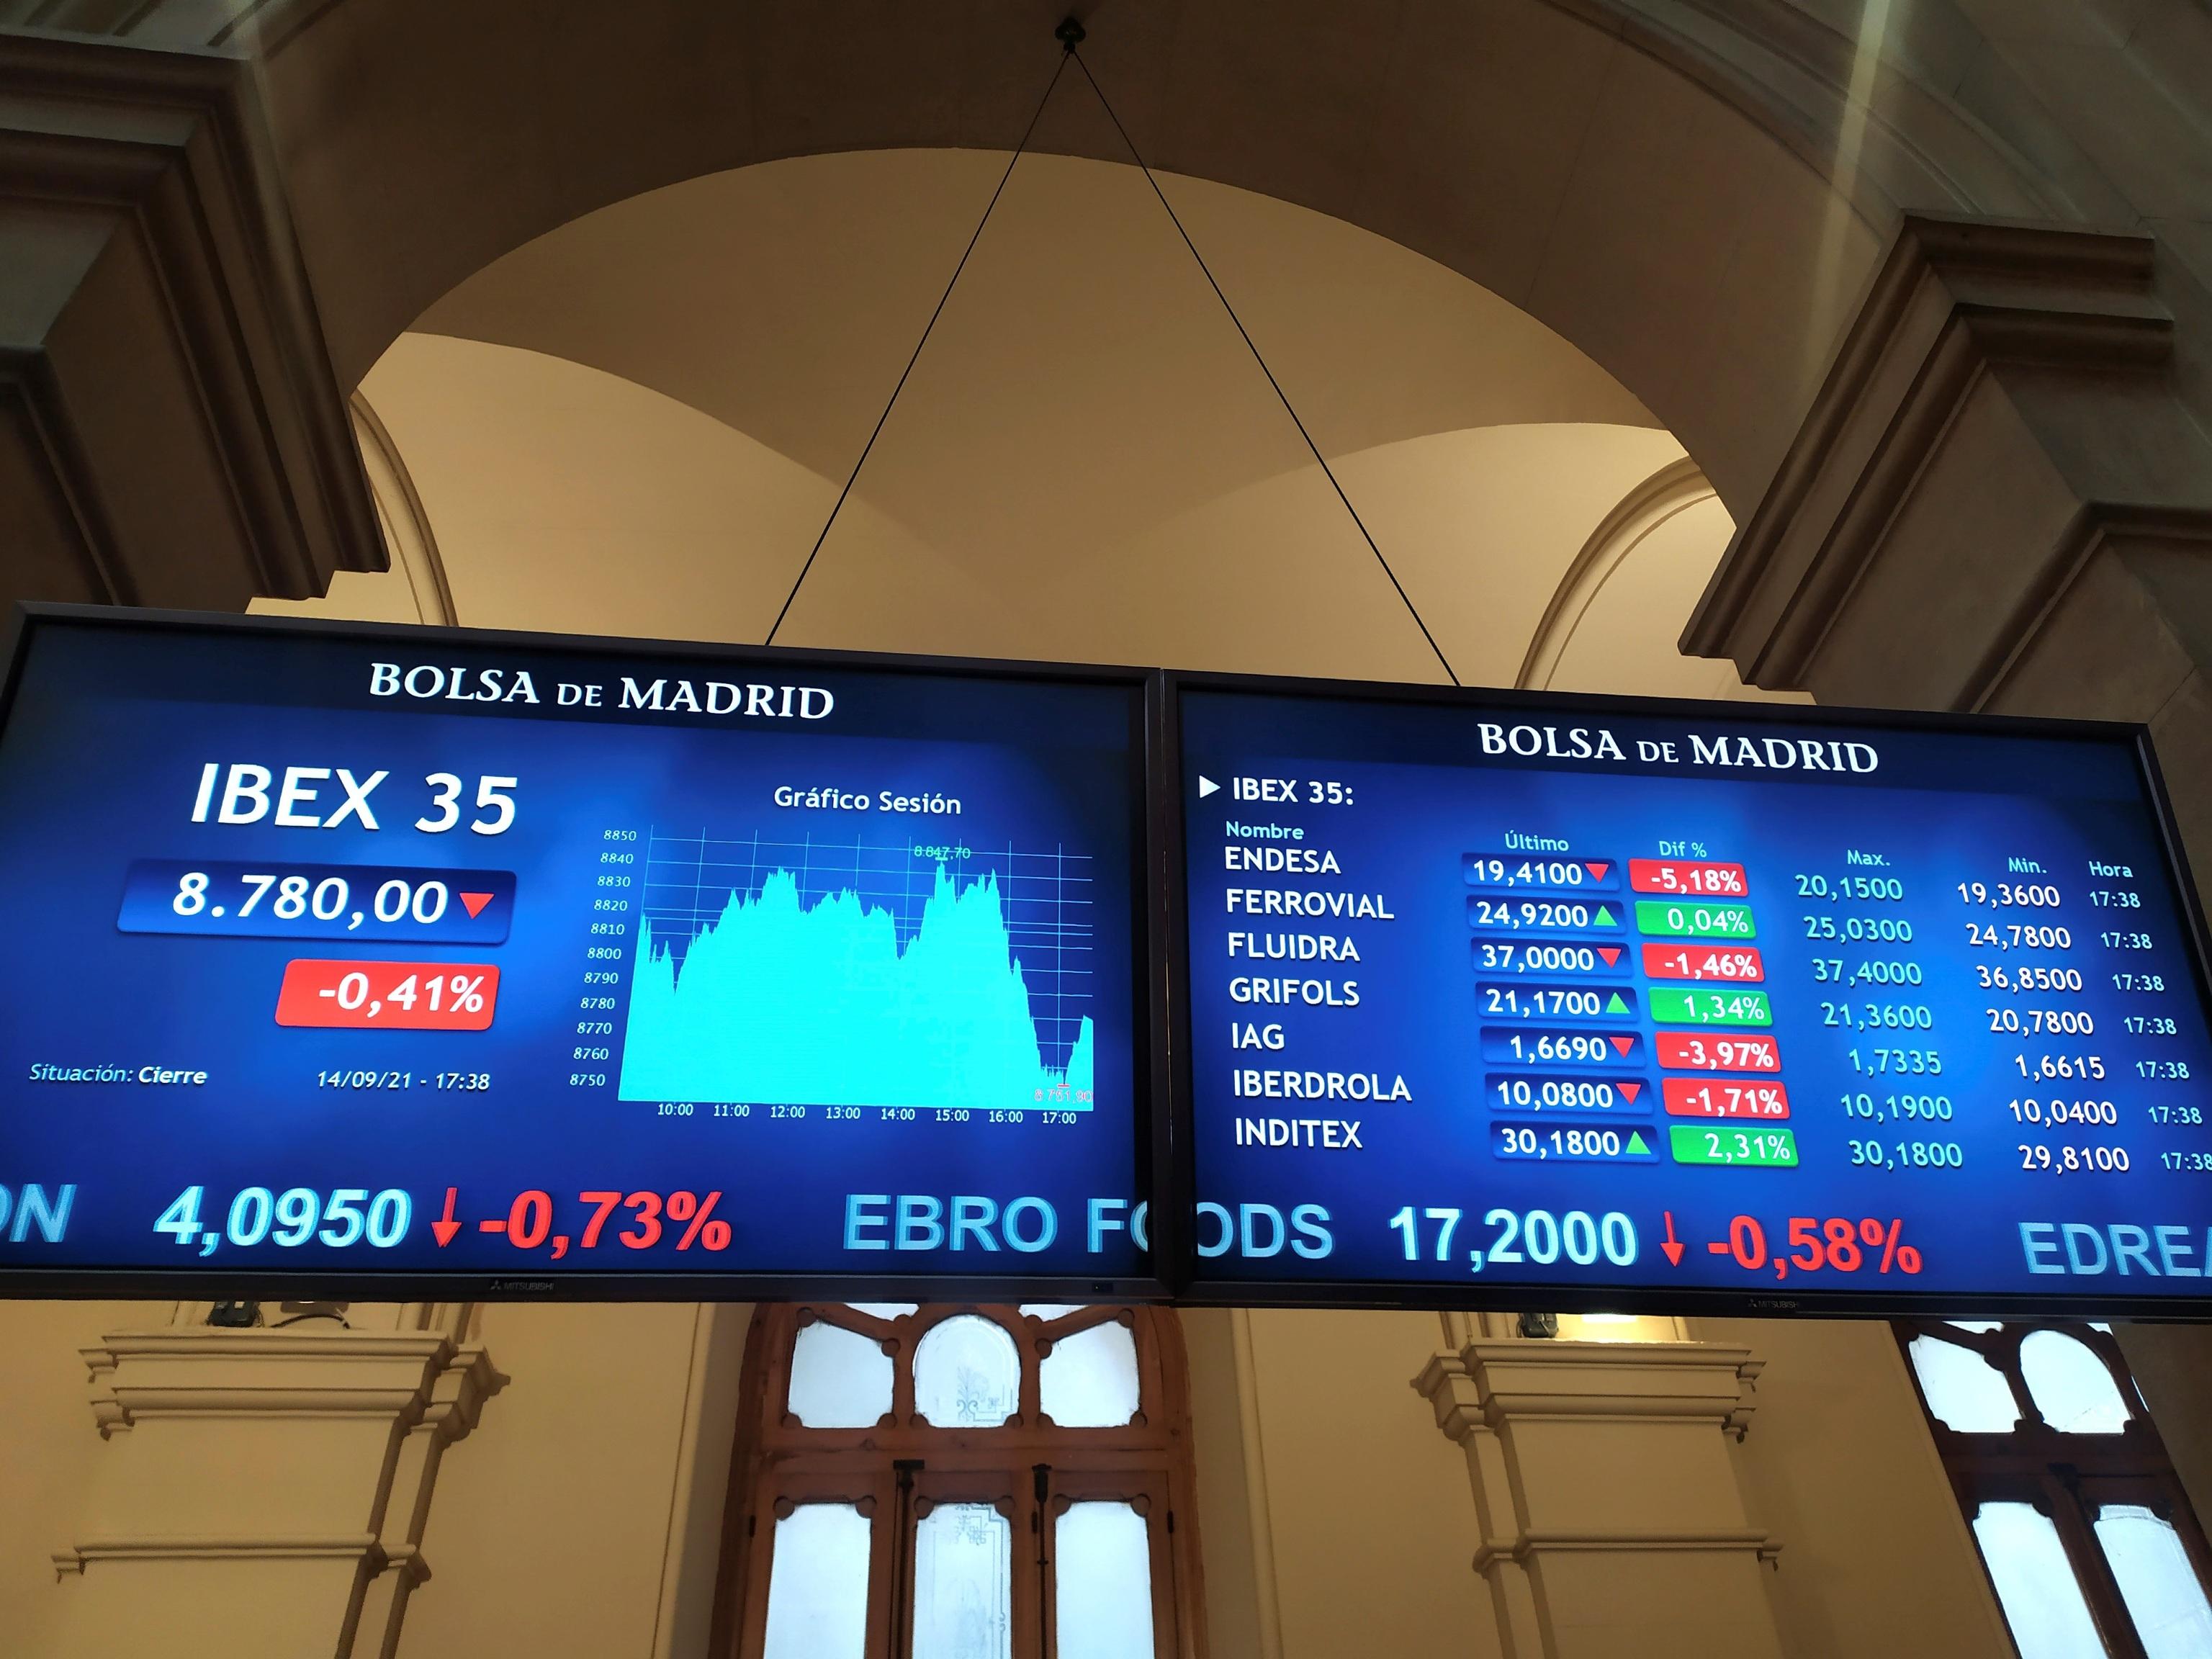 Pantallas de cotización en el Palacio de la Bolsa de Madrid.